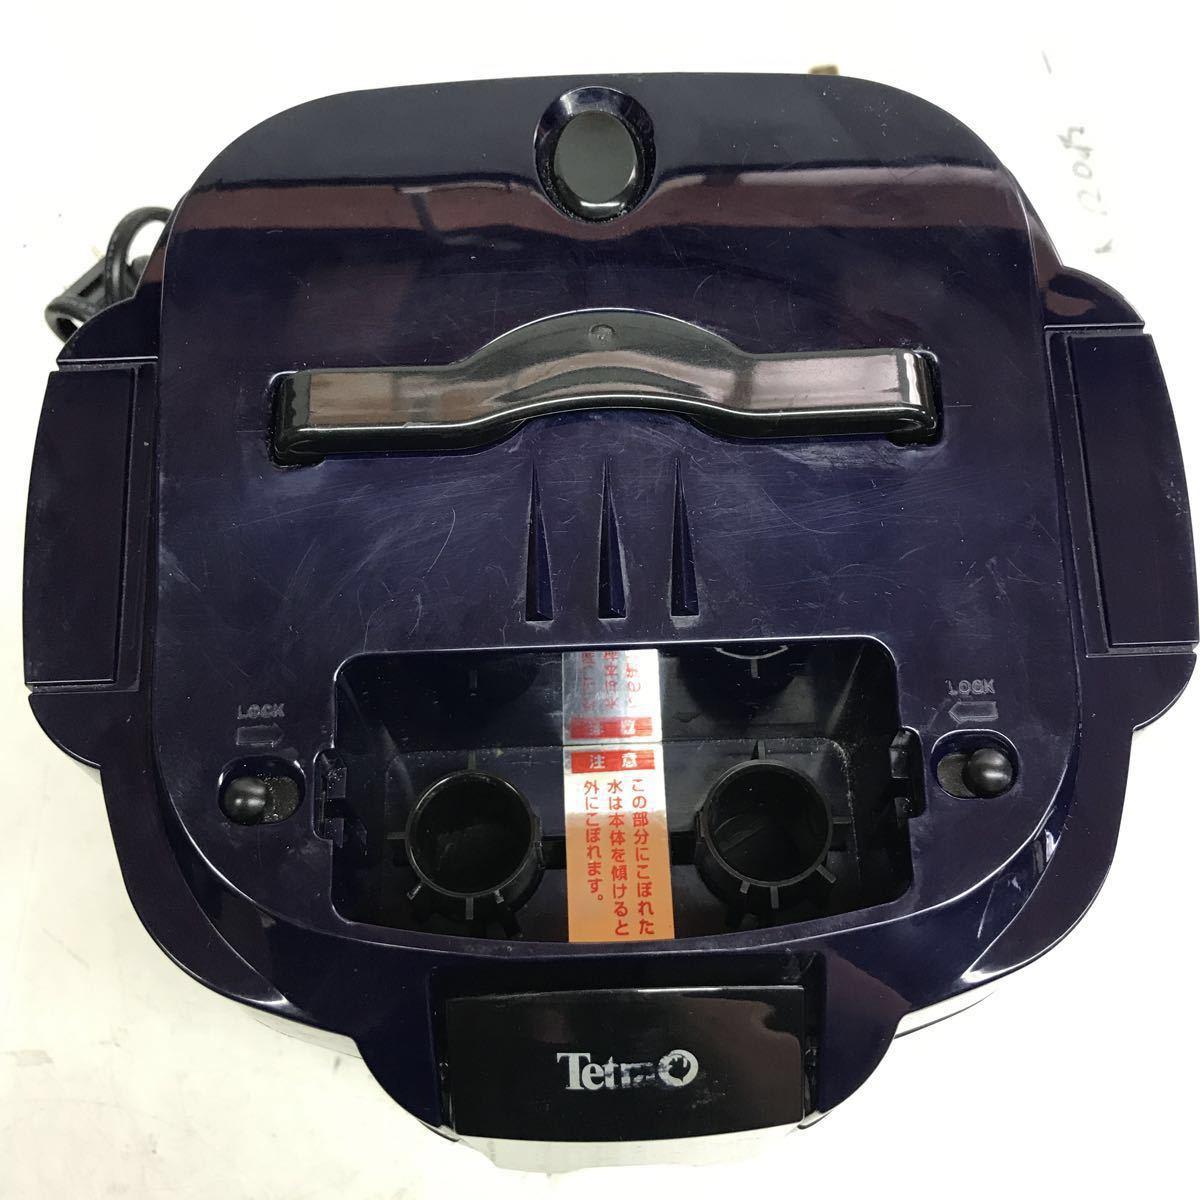 テトラ バリューエックス 75 VX-75 水槽用フィルター Tetra 中古品_画像2